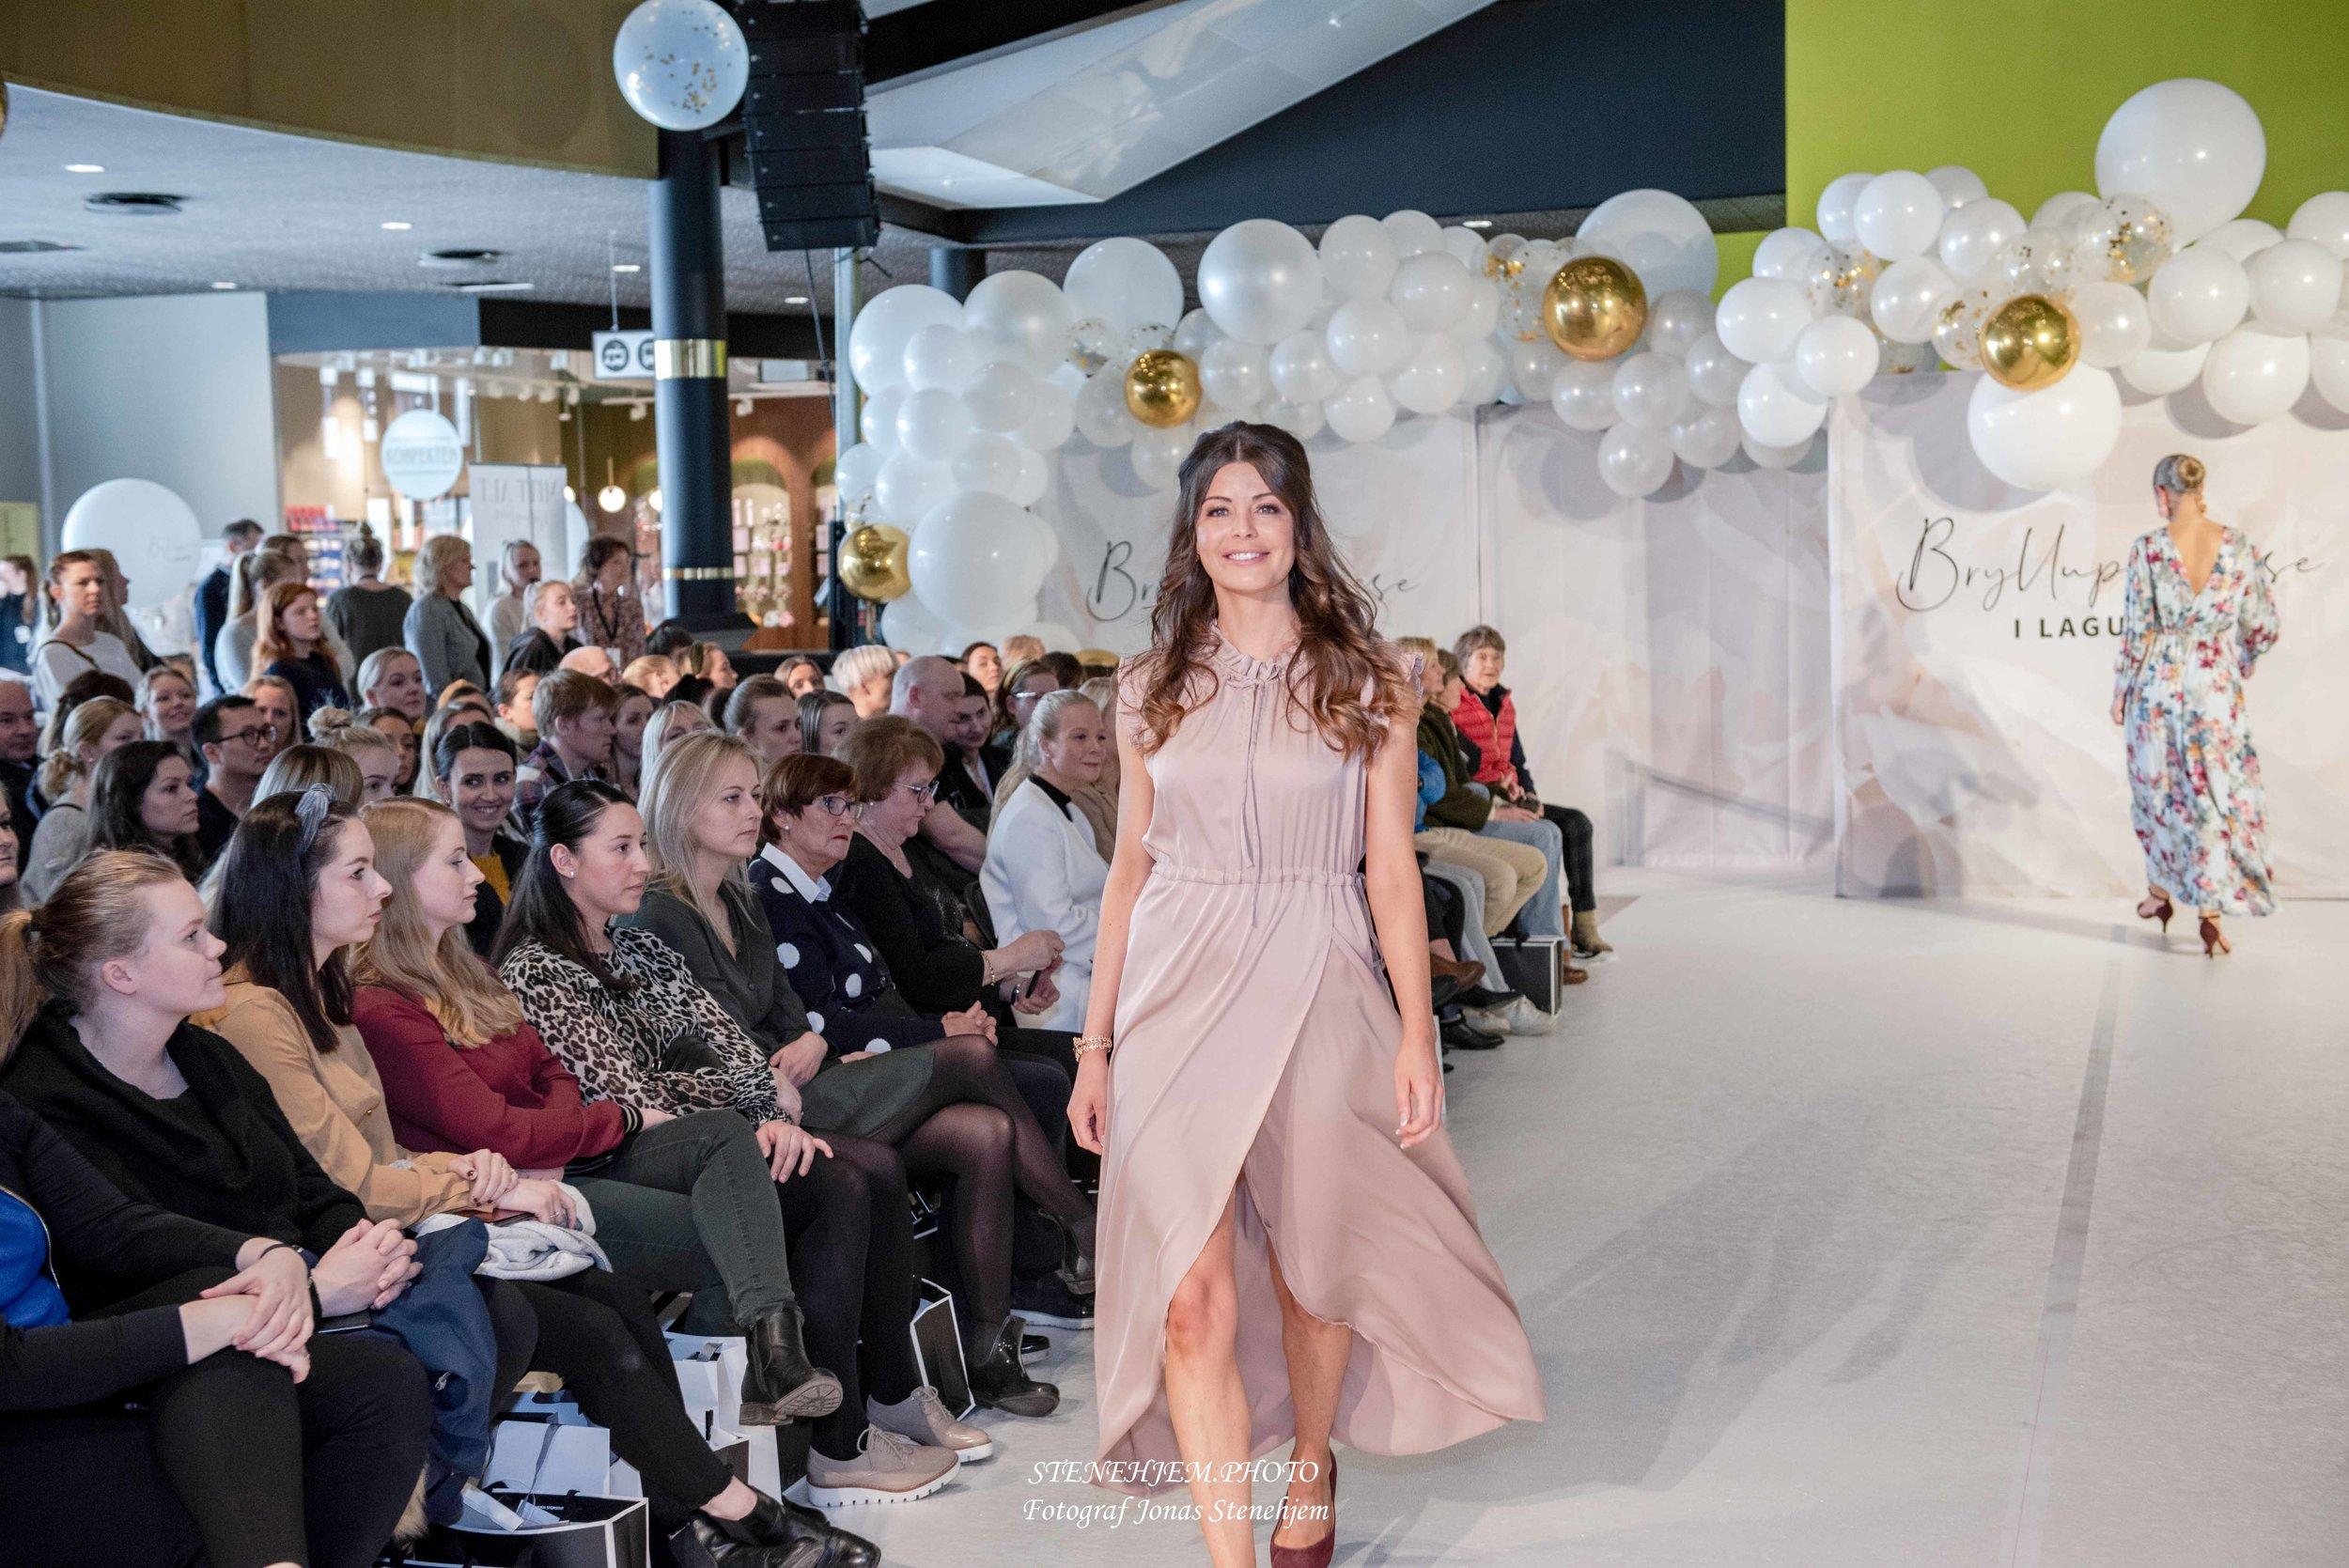 lagunen_fashion_mittaltweddingfair__006.jpg